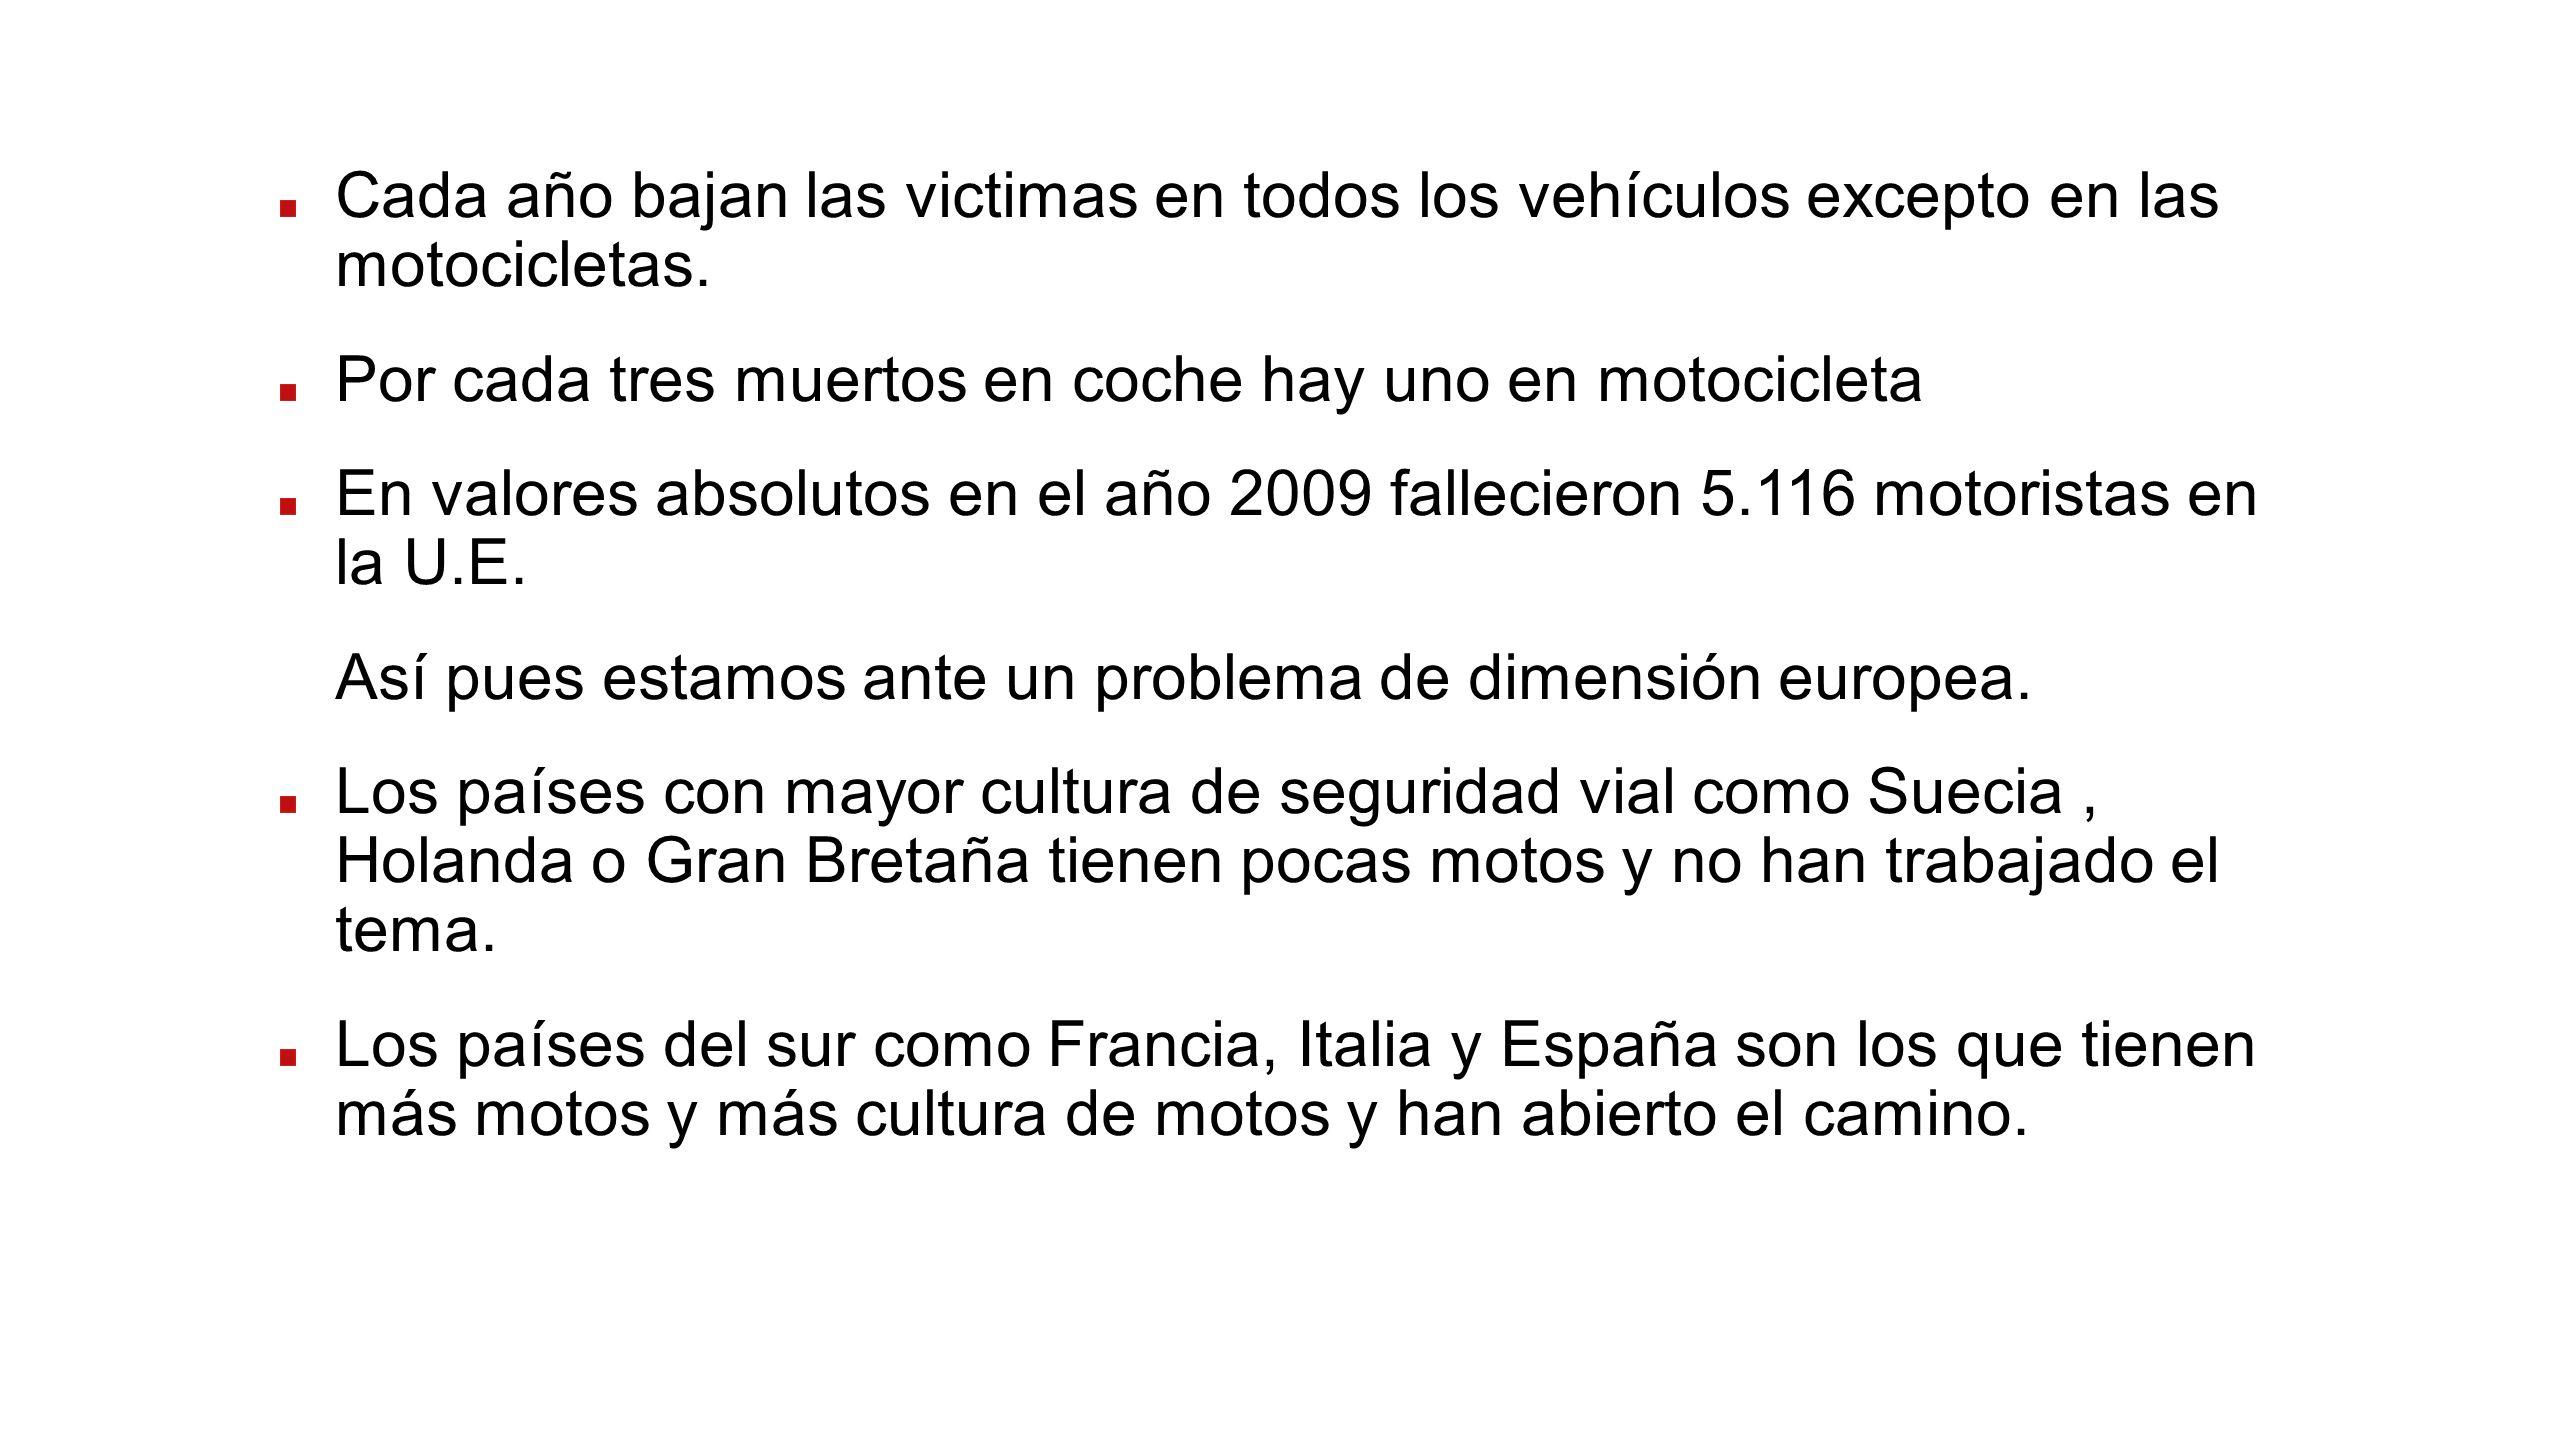 Cada año bajan las victimas en todos los vehículos excepto en las motocicletas. Por cada tres muertos en coche hay uno en motocicleta En valores absol